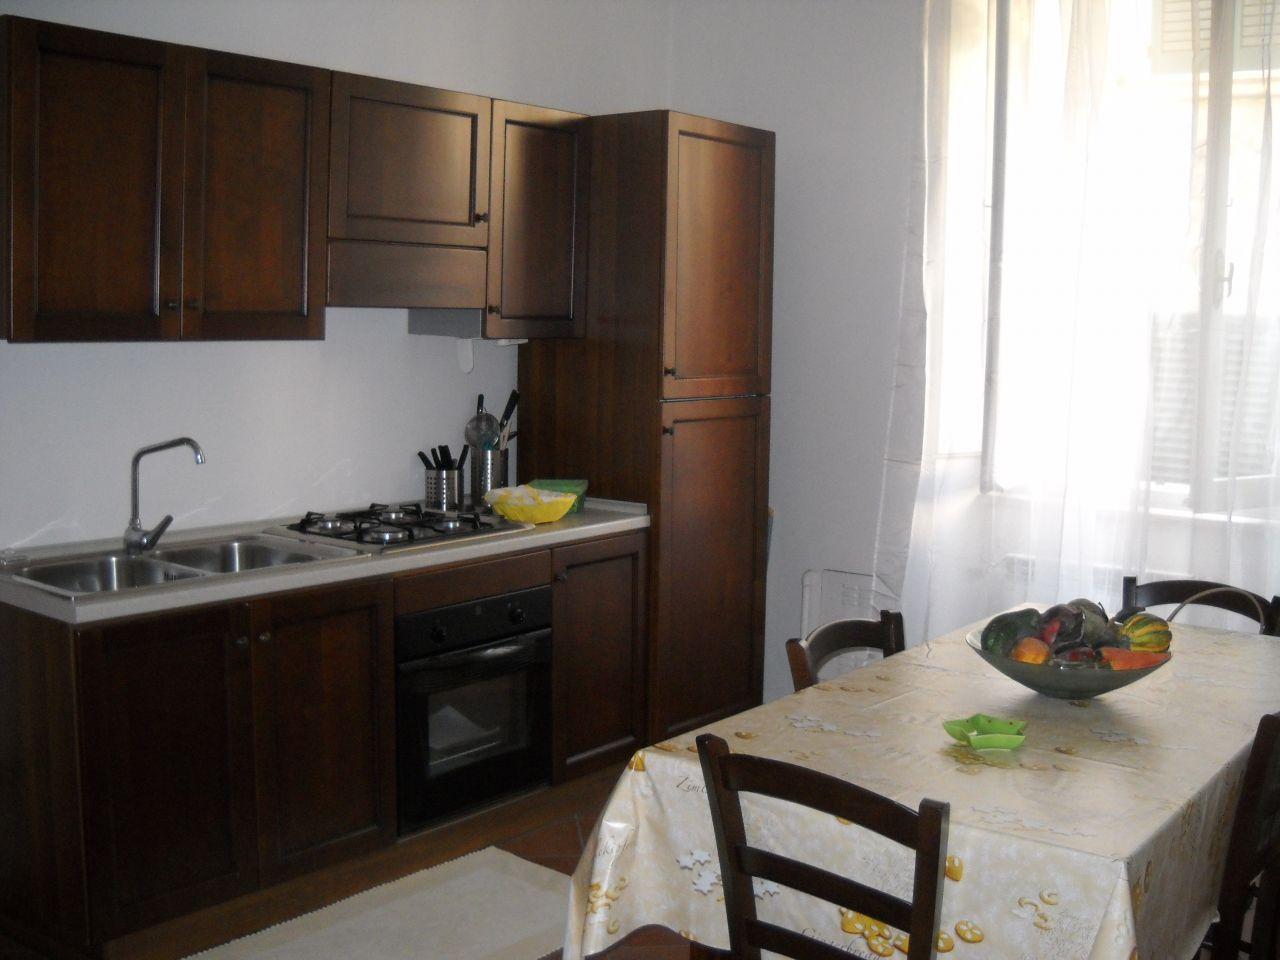 Appartamento in vendita a Ascoli Piceno, 9999 locali, zona Località: CentroStorico, prezzo € 150.000 | Cambio Casa.it